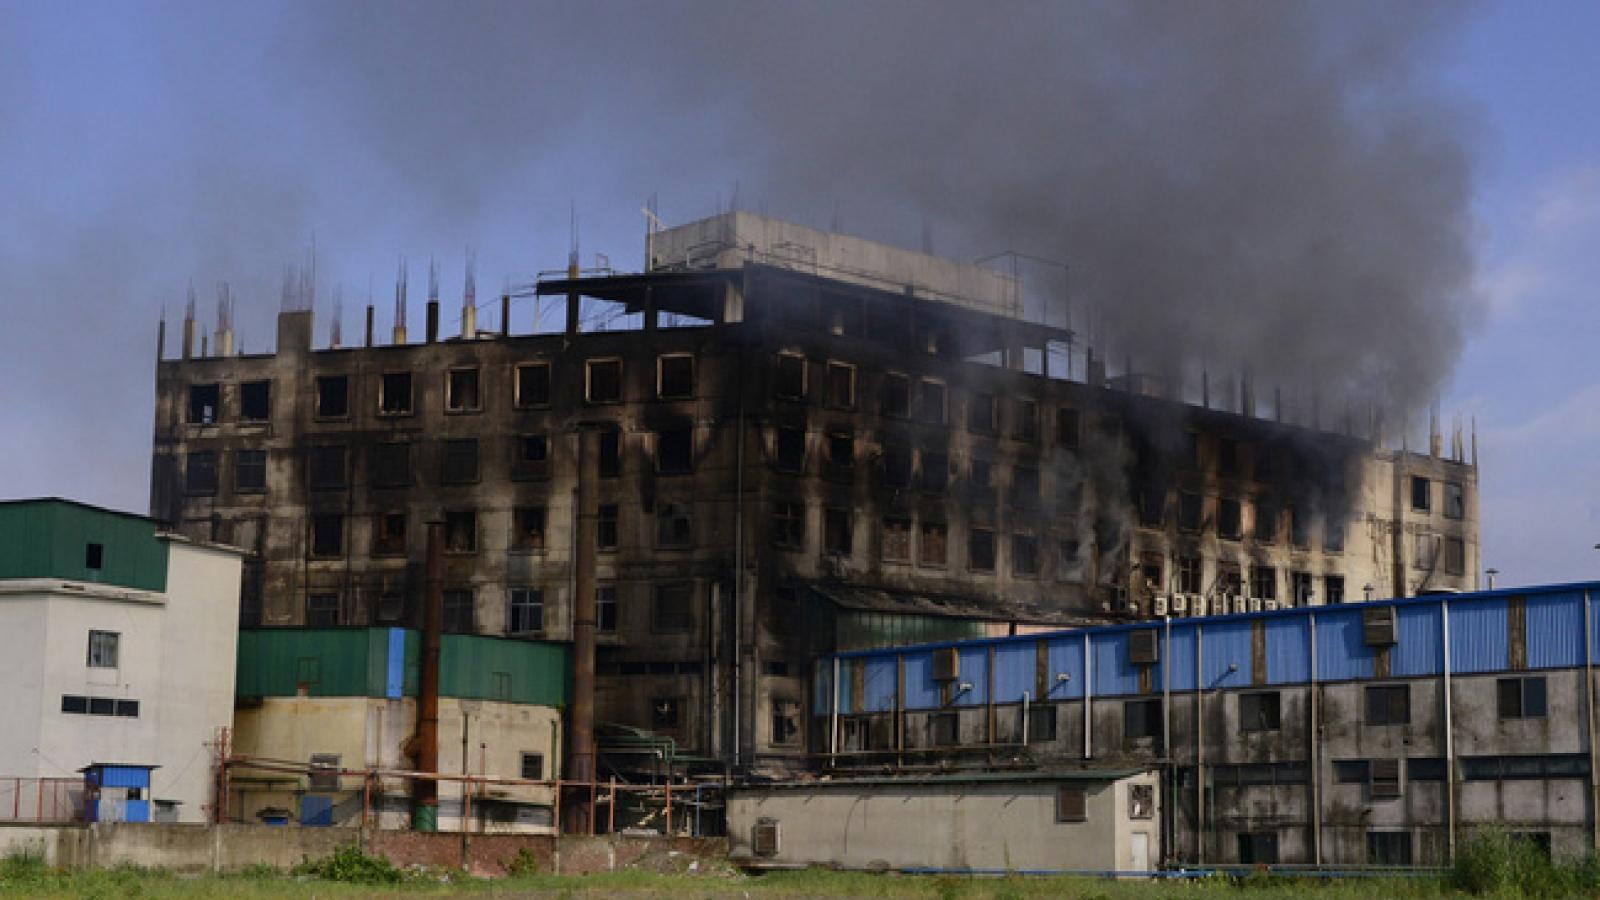 Hơn 50 người thiệt mạng trong vụ cháy nhà máy ở Bangladesh